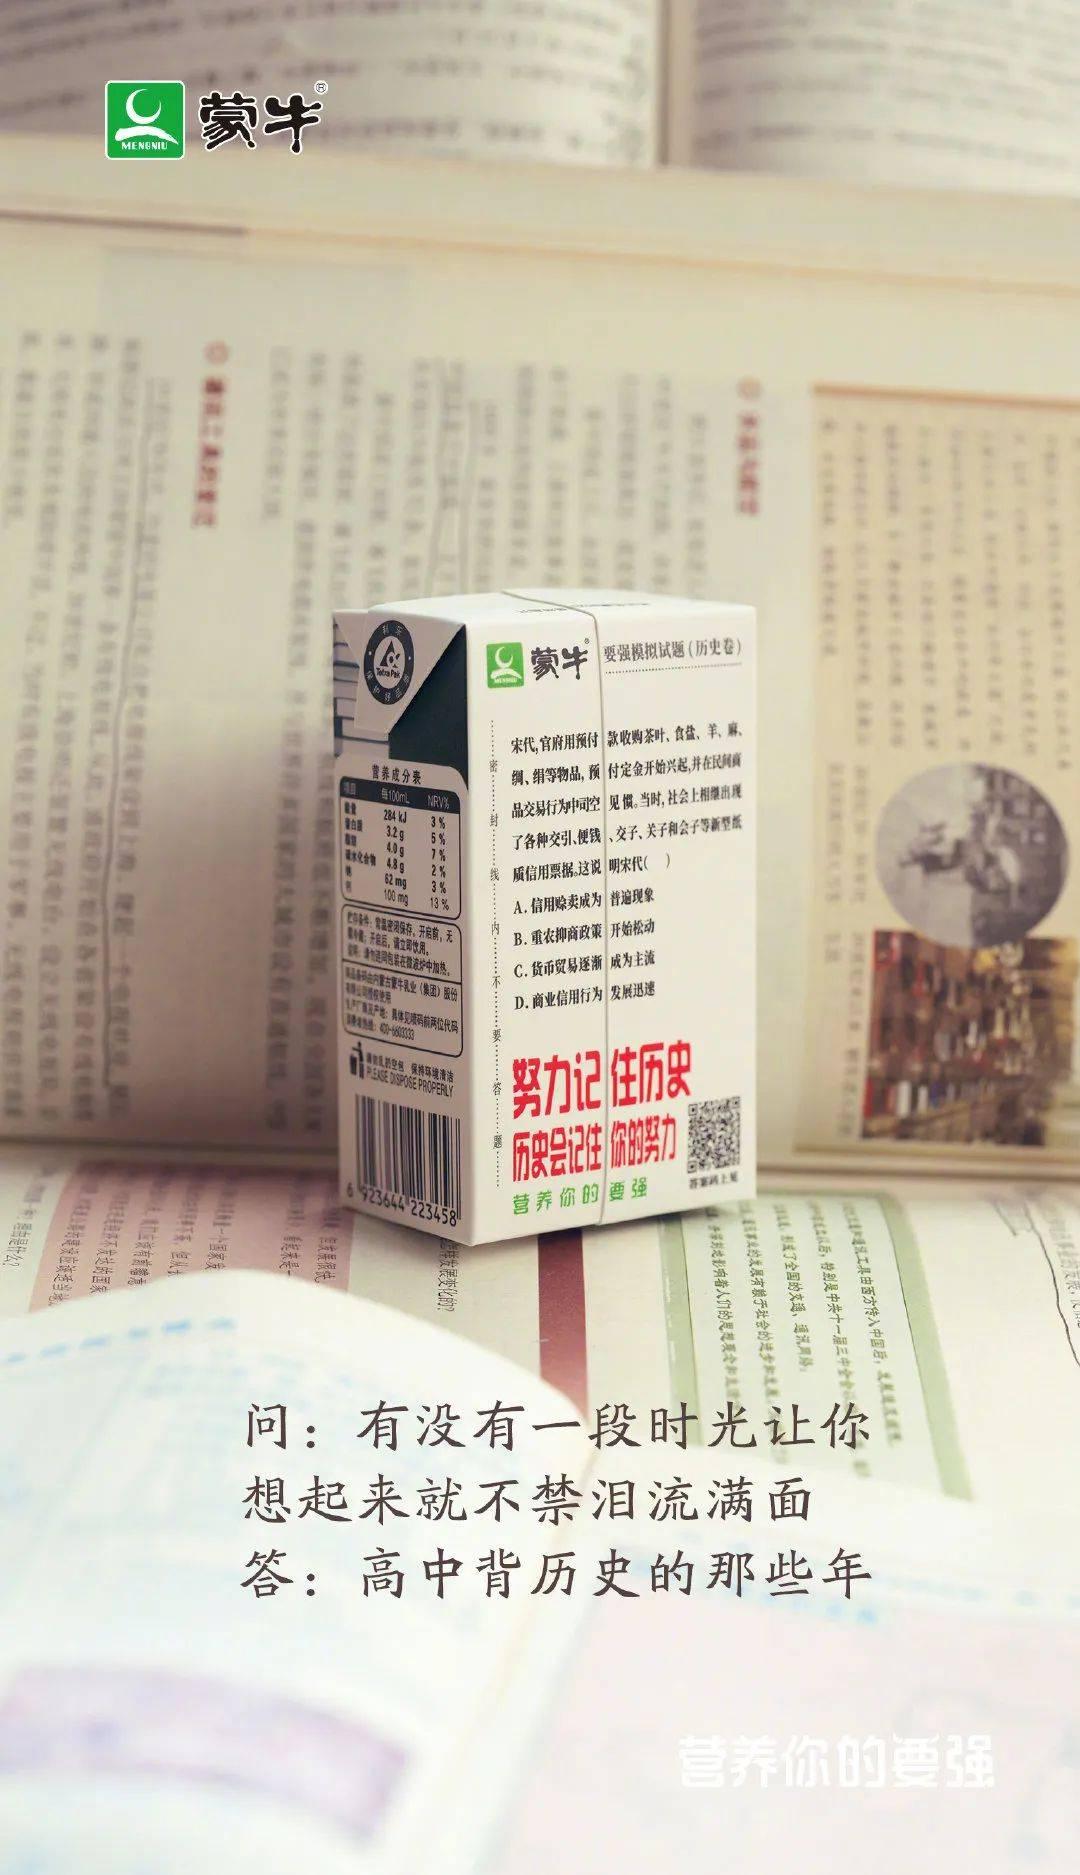 鸟哥笔记,广告文案,文案怪谈,节日文案,品牌文案,文案,盘点,文案